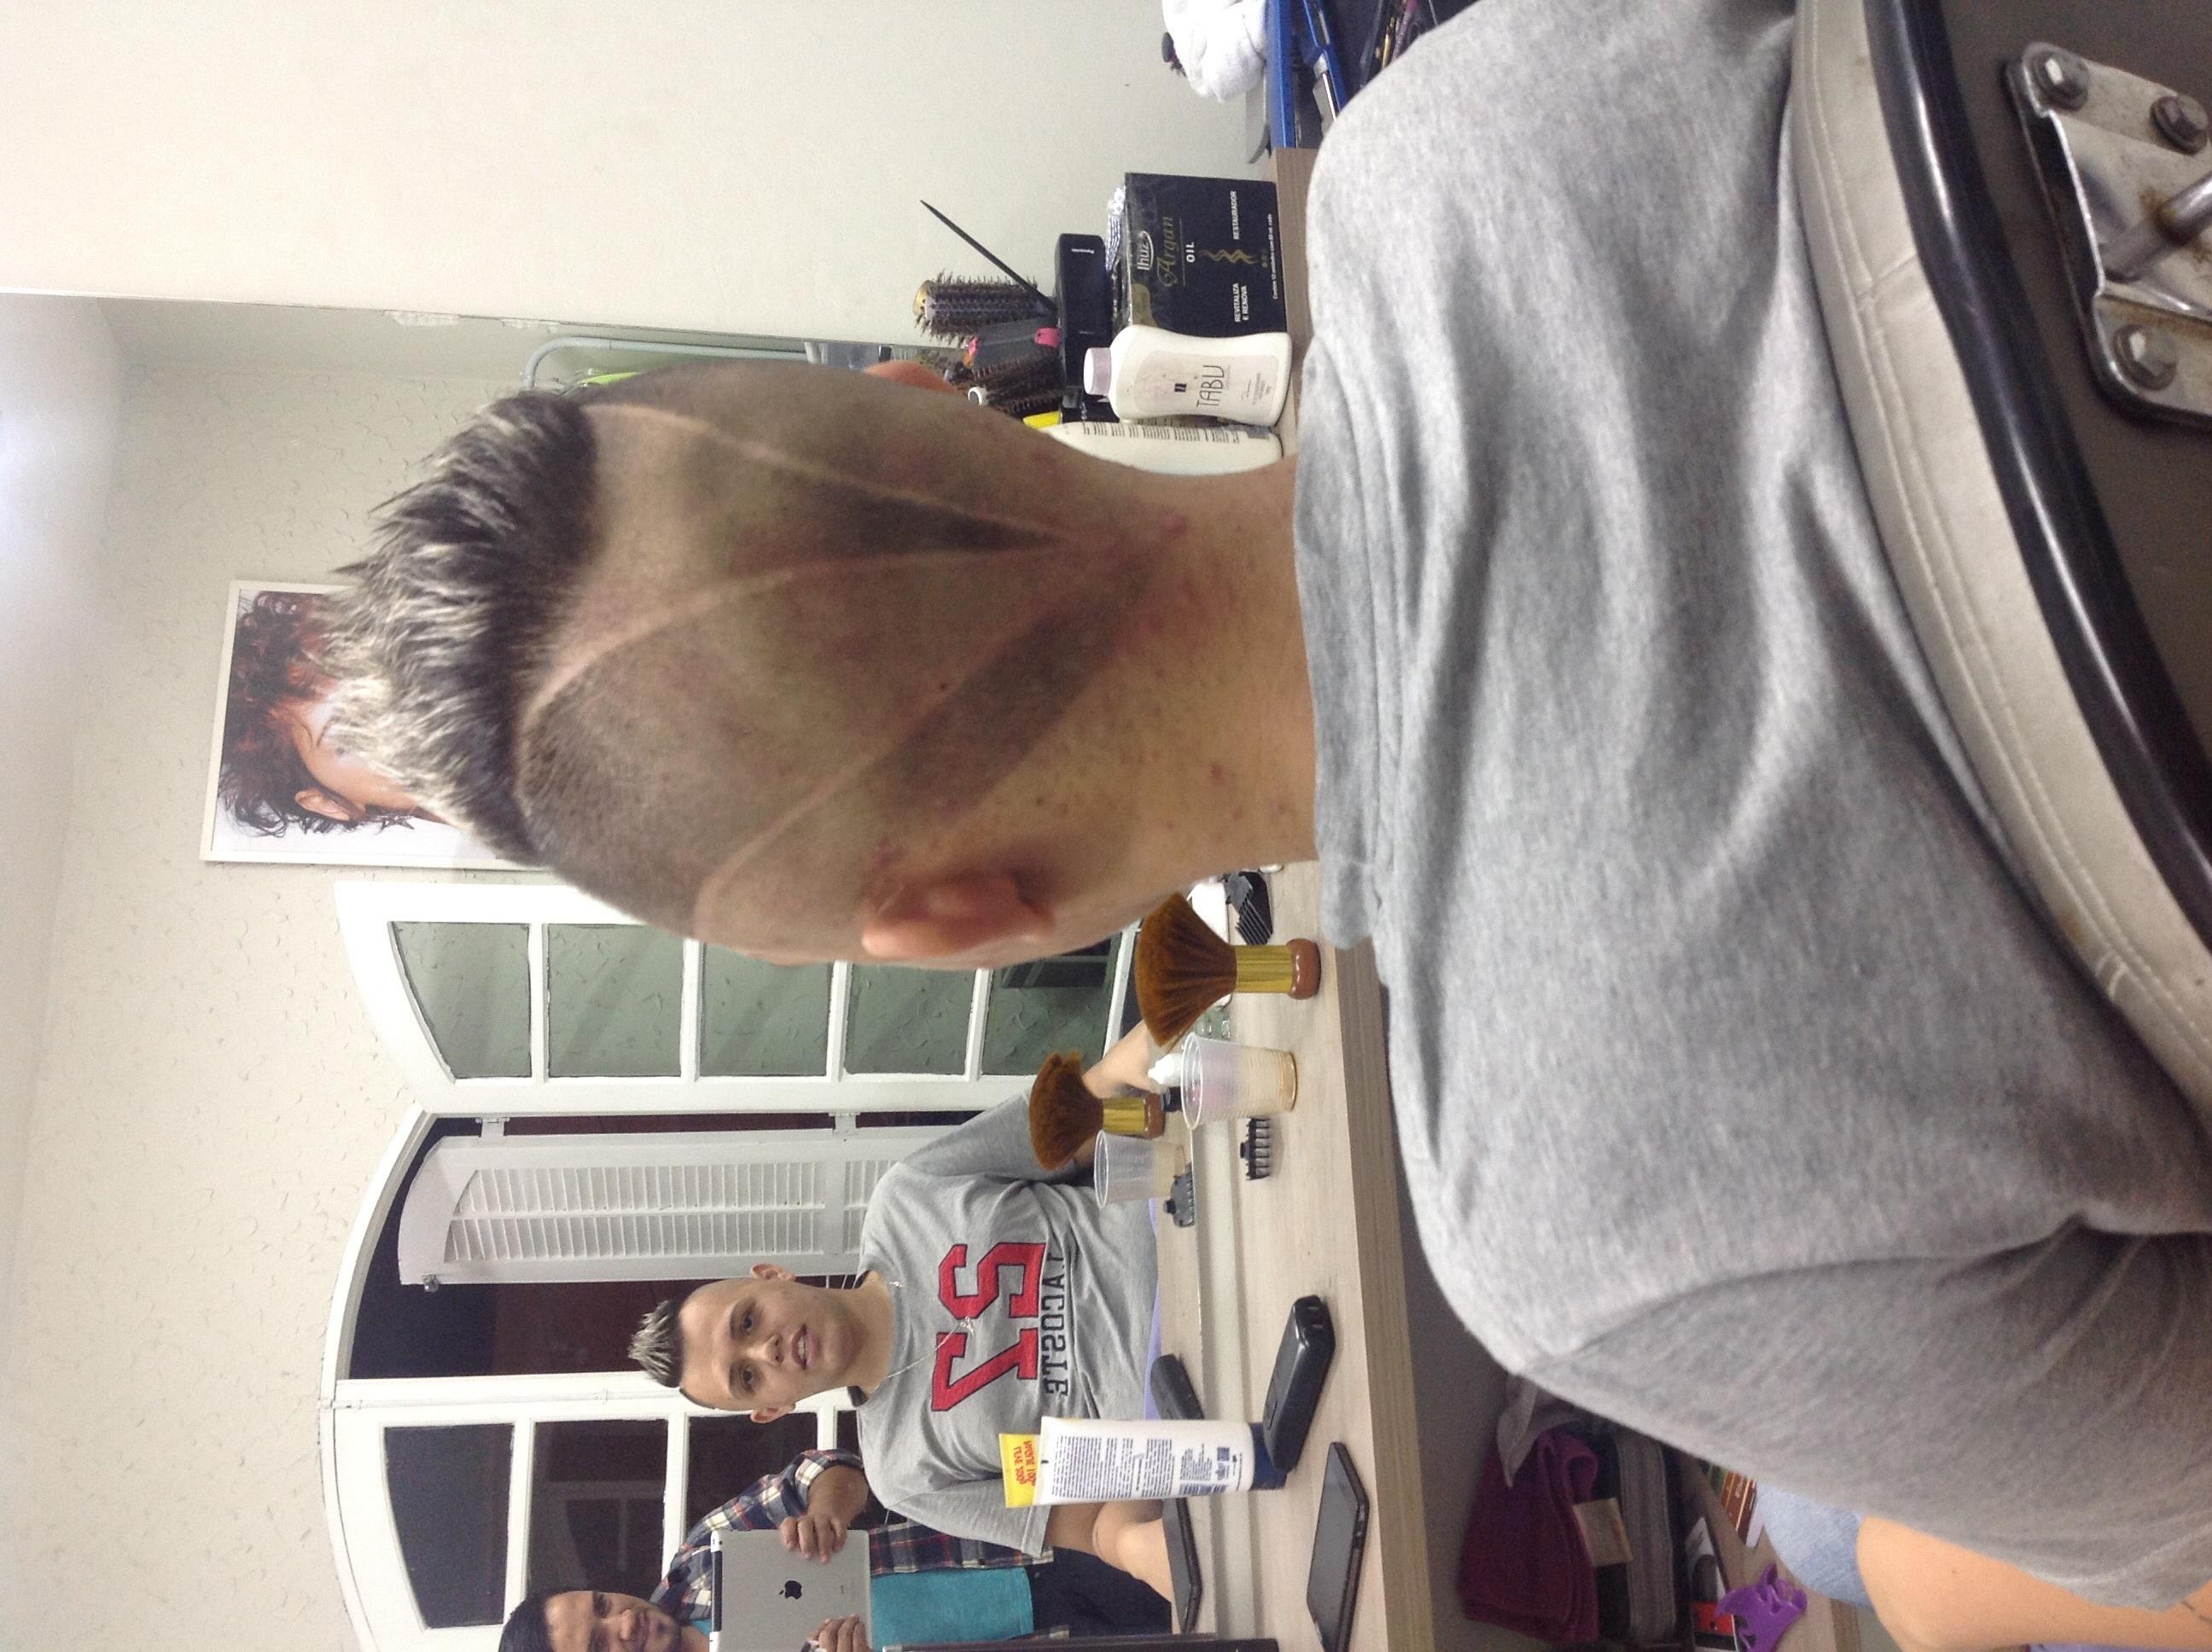 Corte 3d distribua os riscos na direção desejada e alterne o sombreado intercalando com a próxima faixa riscada. Corte masculino cabelo  cabeleireiro(a) barbeiro(a) designer de sobrancelhas gerente administrativo maquiador(a) stylist visagista